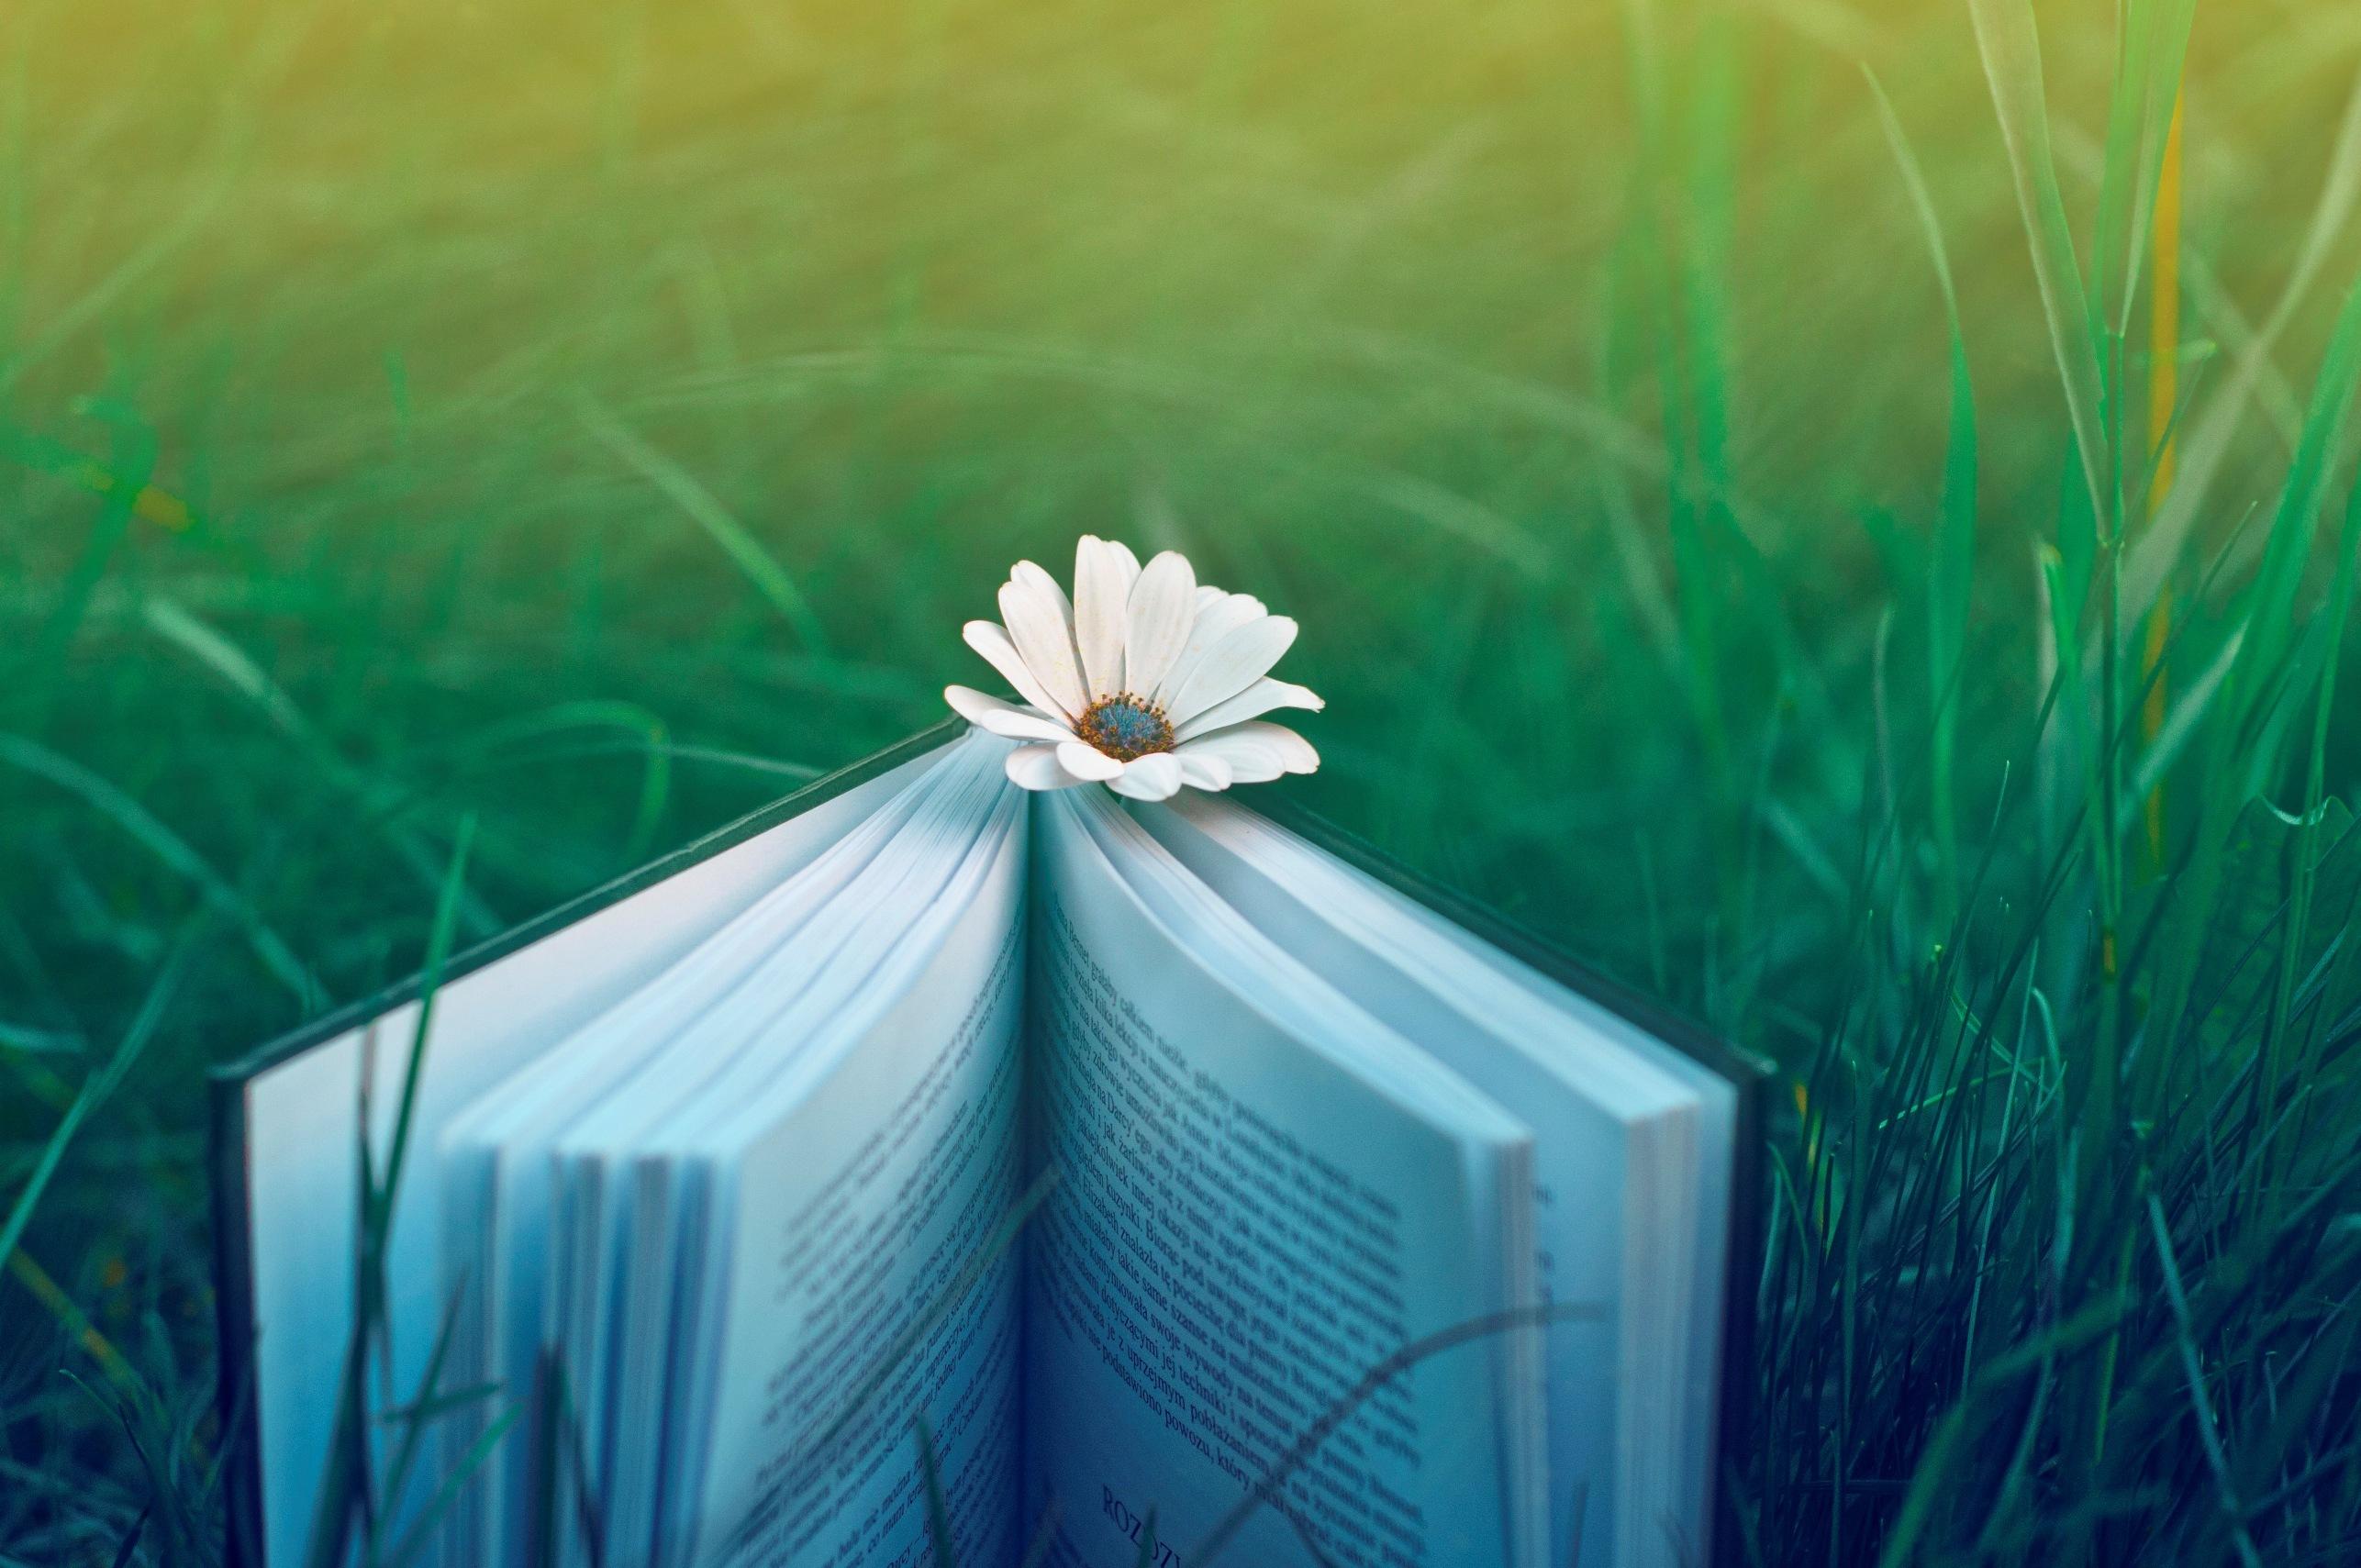 книги поле мужчина загрузить